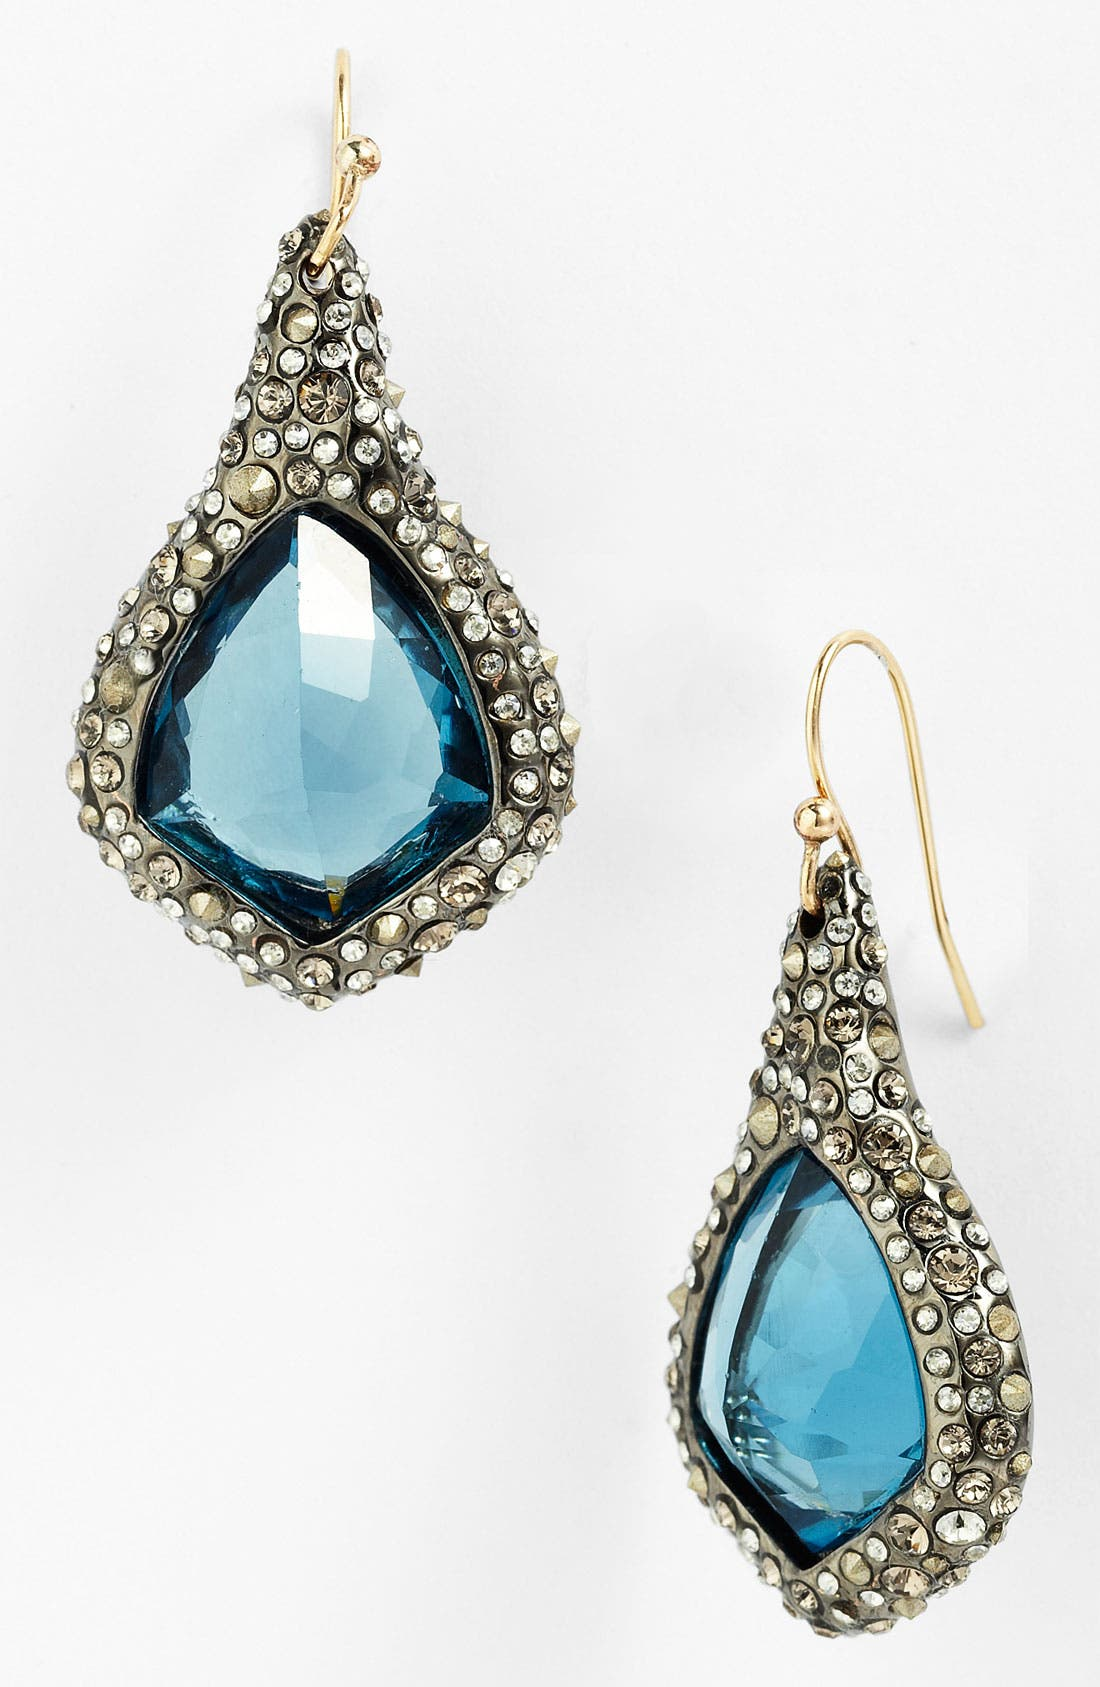 Alternate Image 1 Selected - Alexis Bittar 'Miss Havisham - Deco' Crystal Encrusted Drop Earrings (Nordstrom Exclusive)